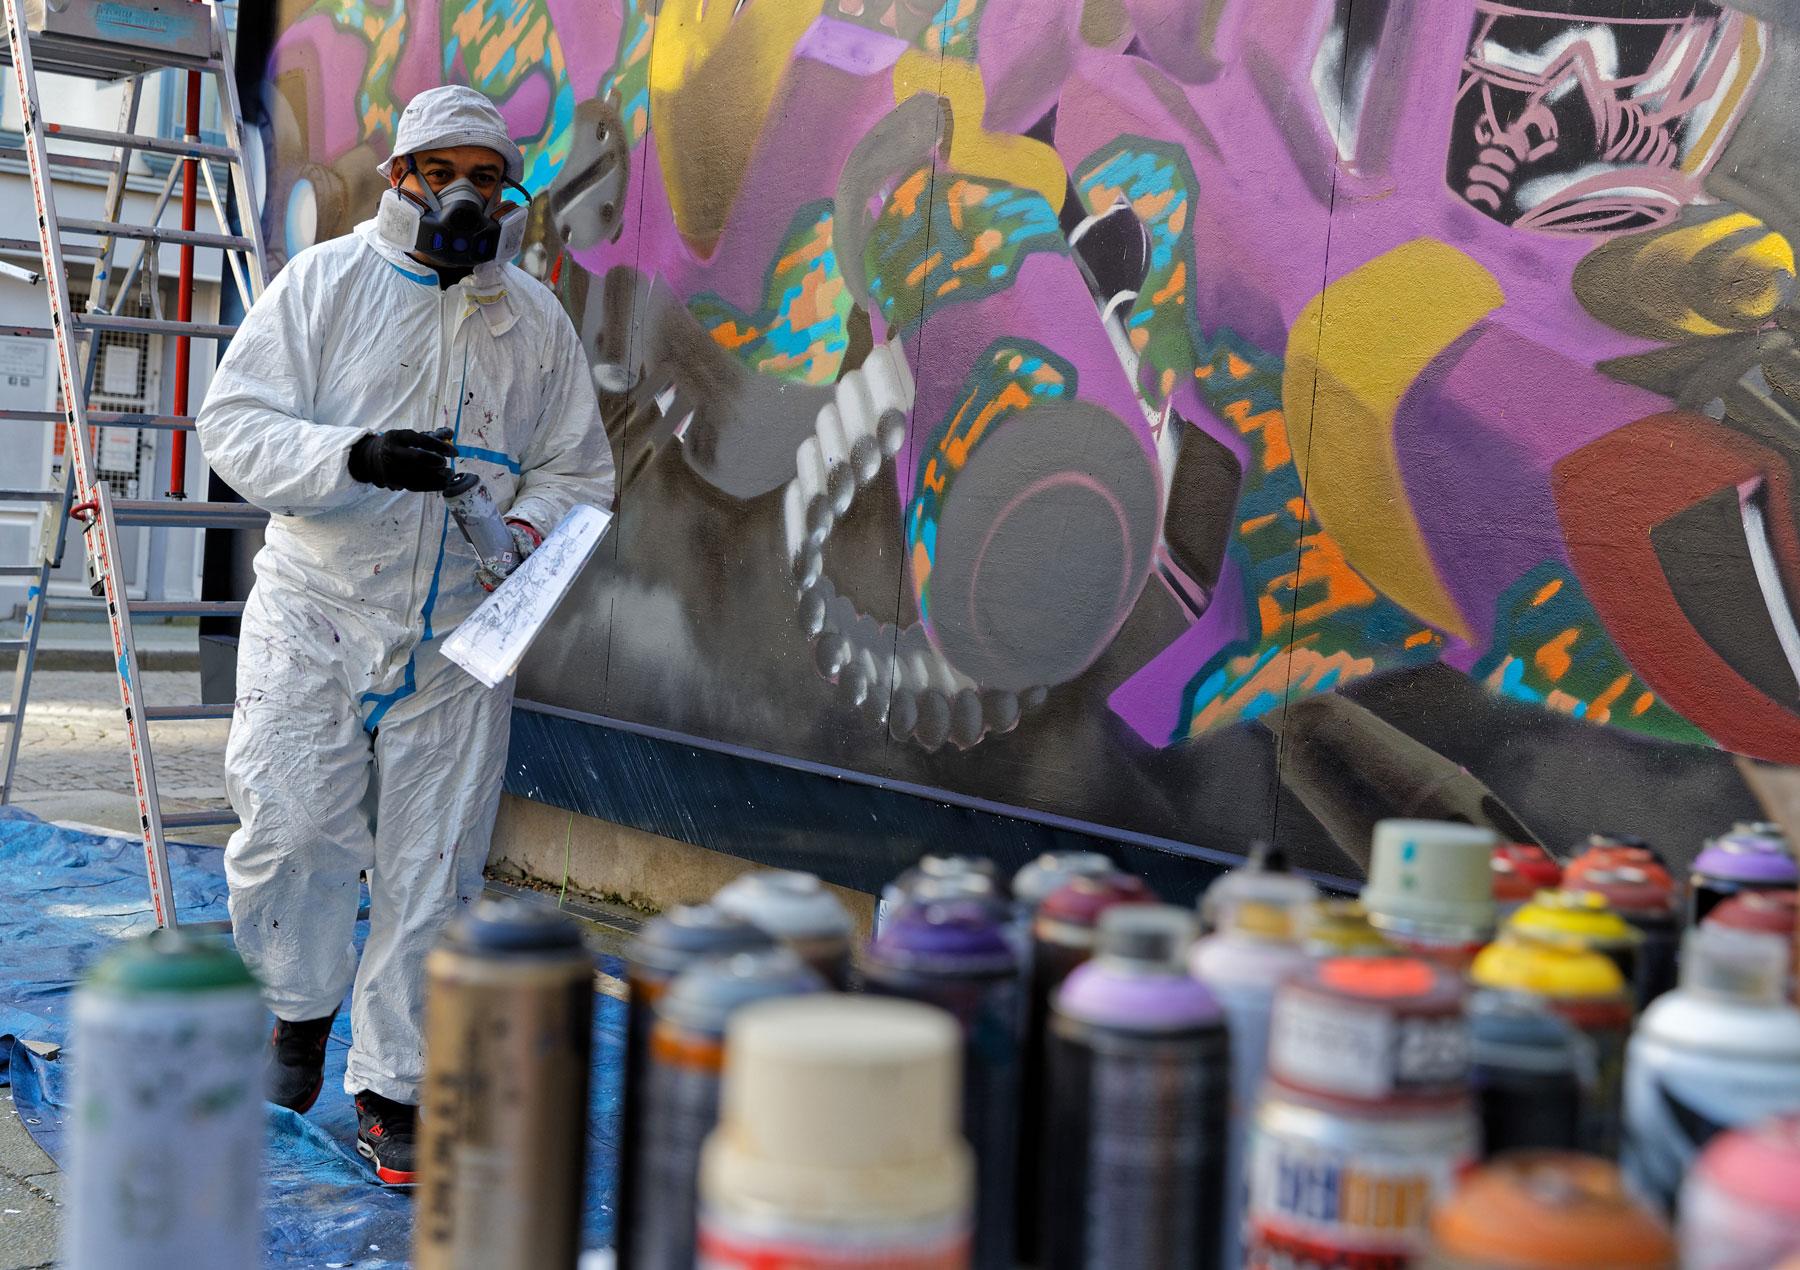 Premier plan bombe de peinture aérosols Rennes--M.U.R12-Moore-@Monique-Sammut